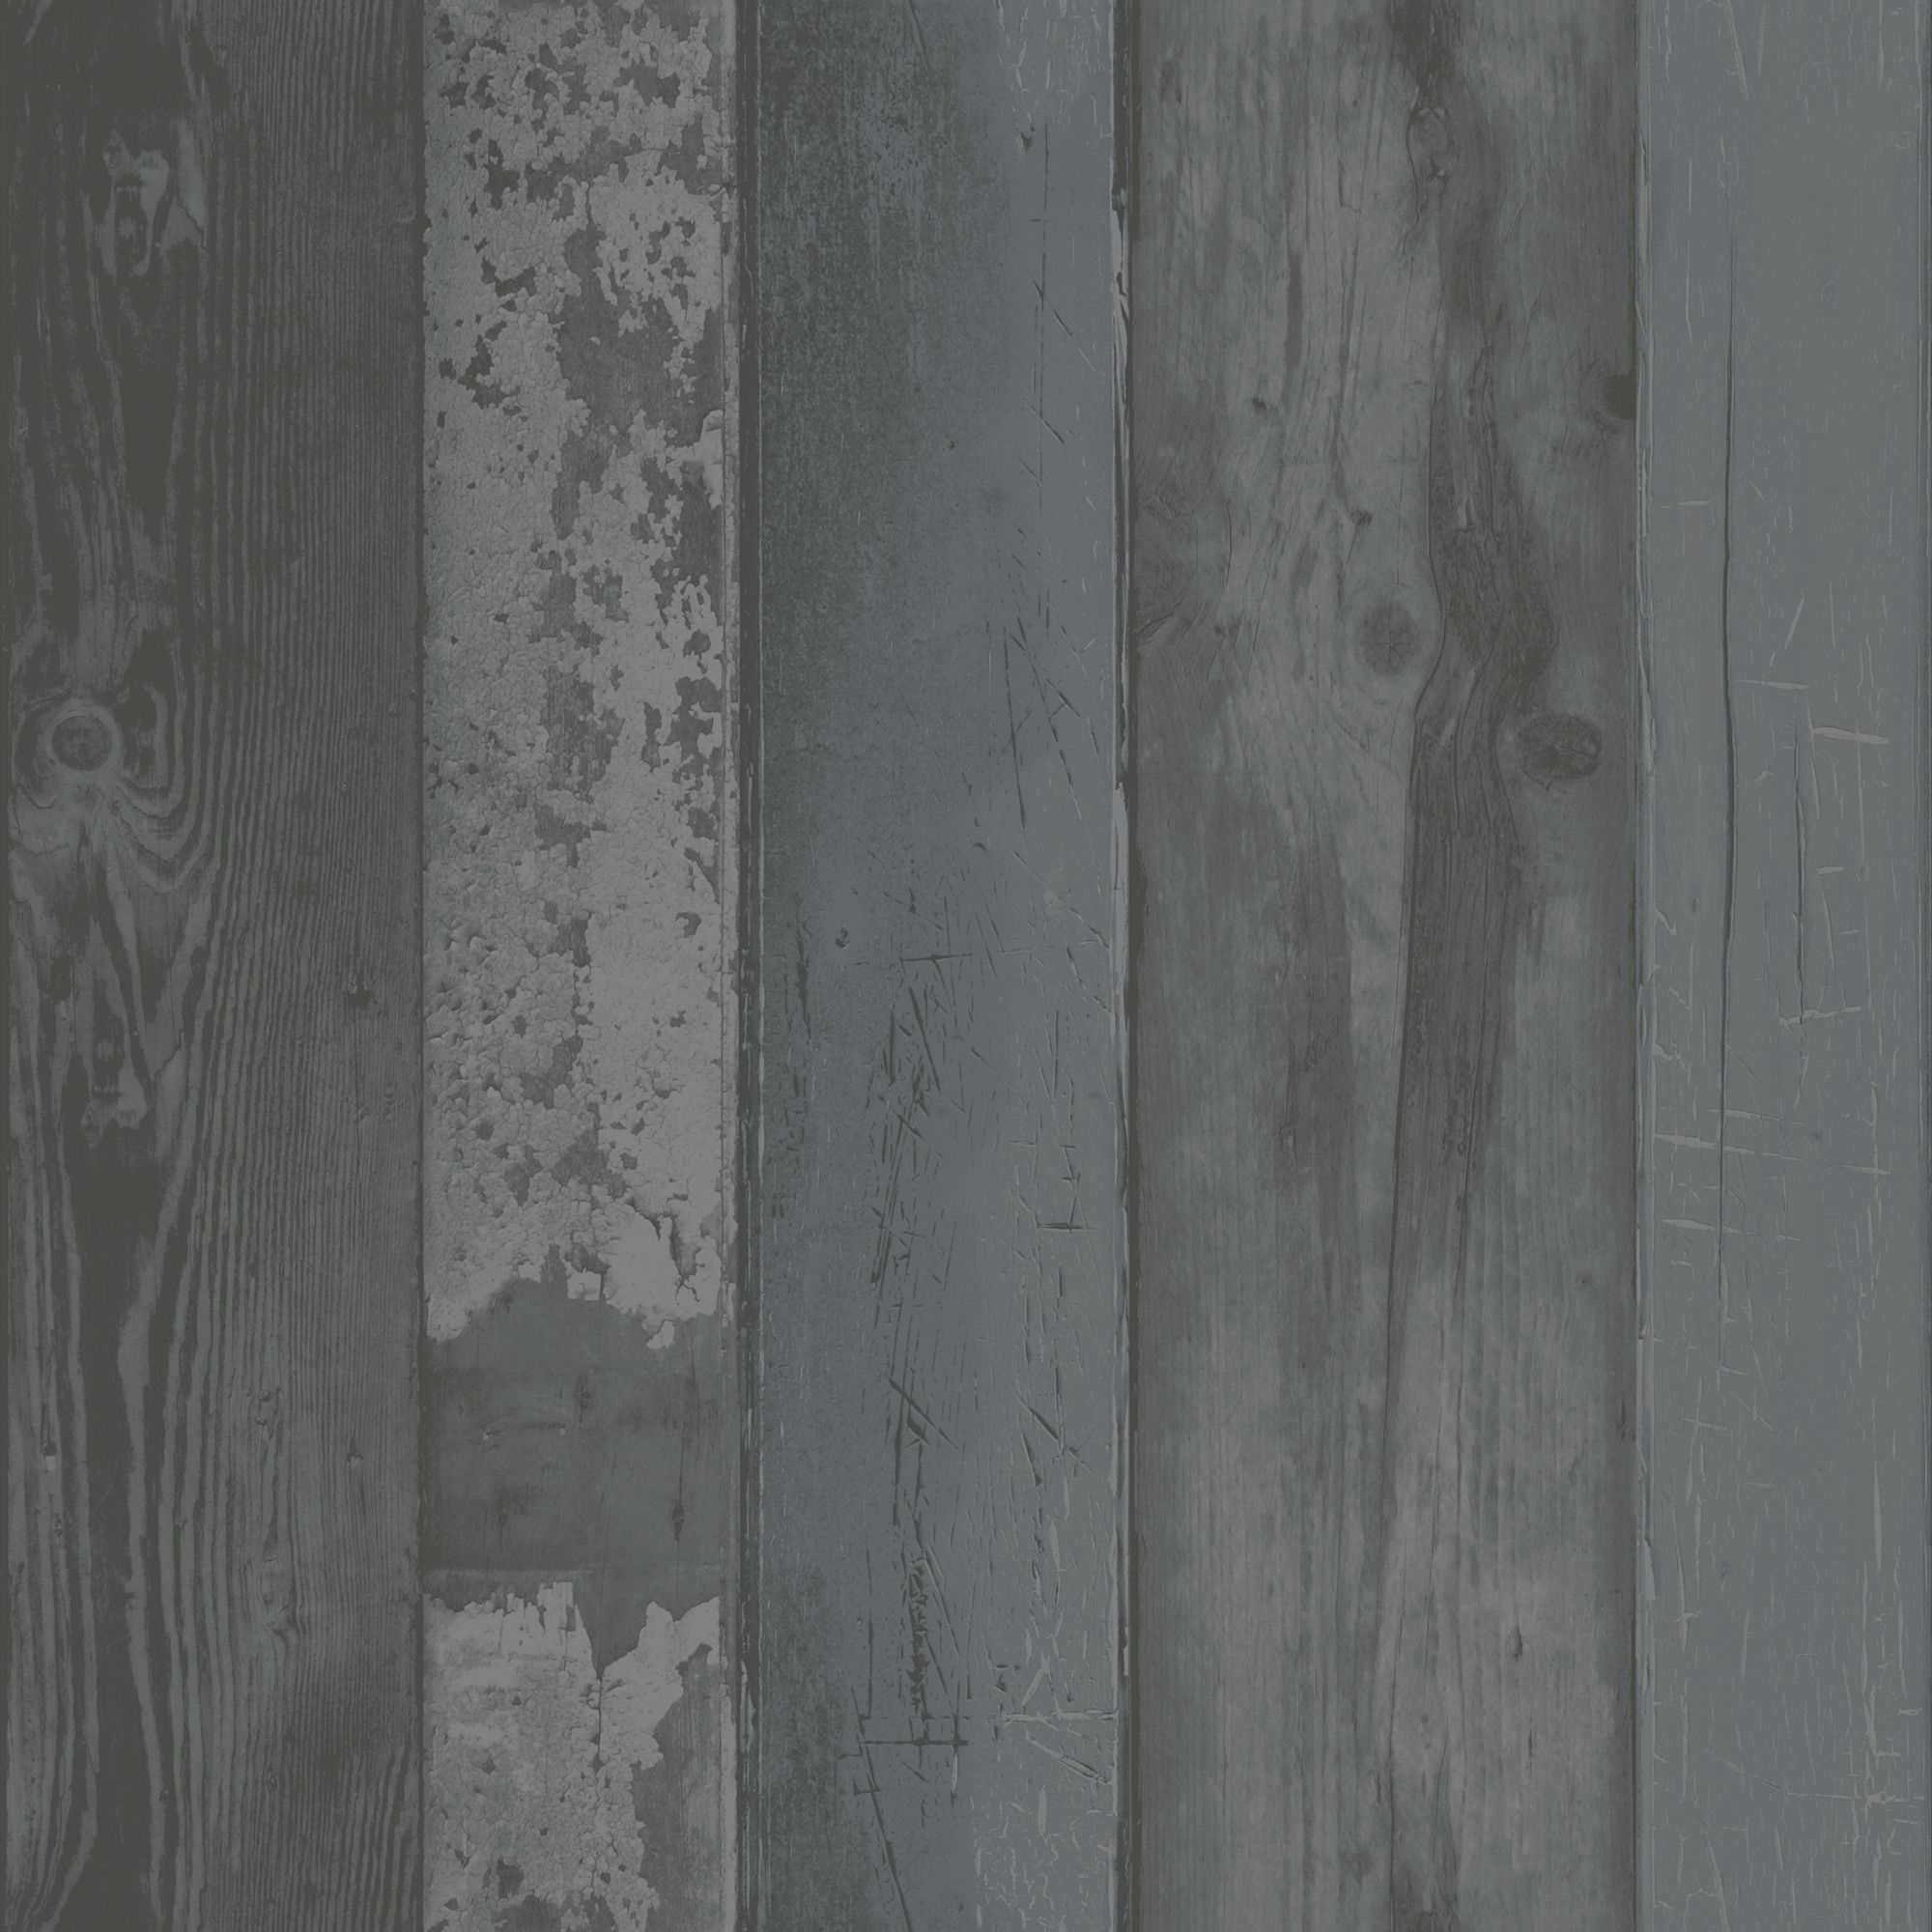 vtwonen vliesbehang steigerhout antraciet dessin 2234 00